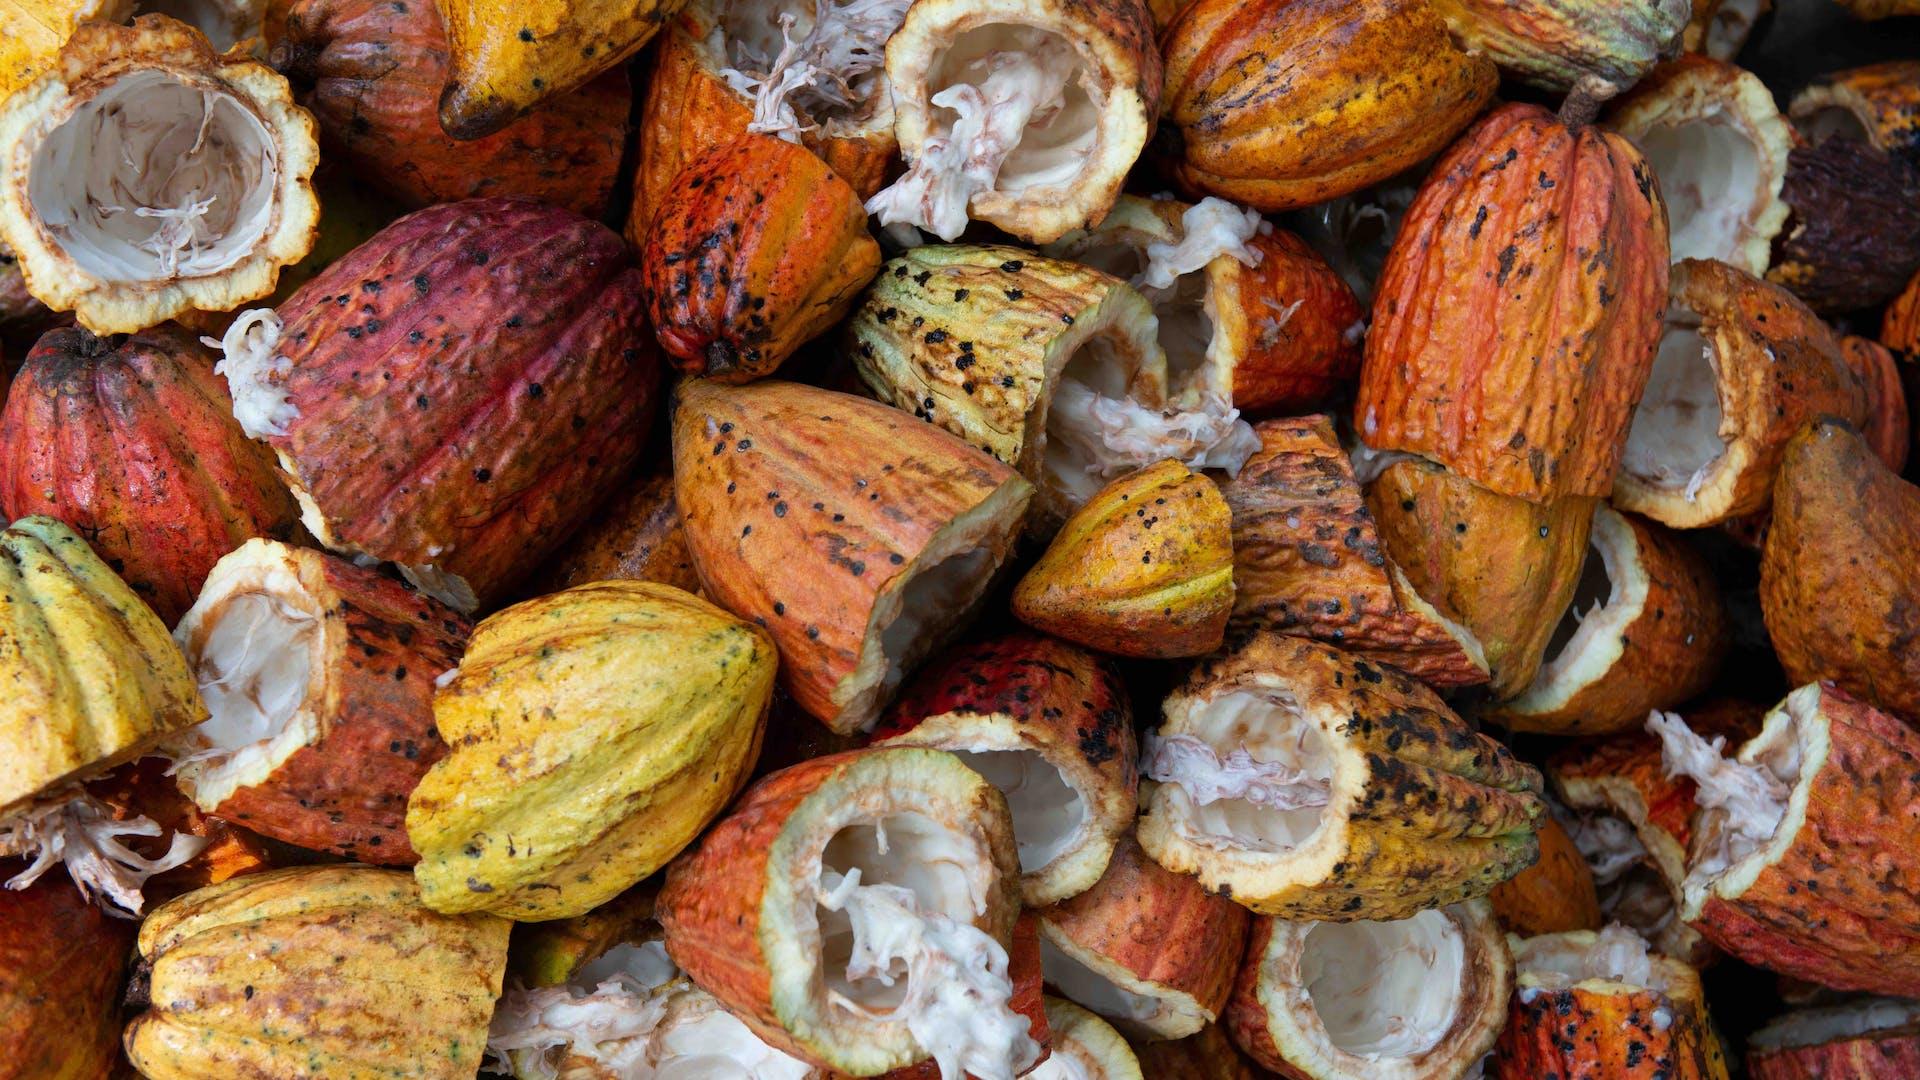 cacao husks